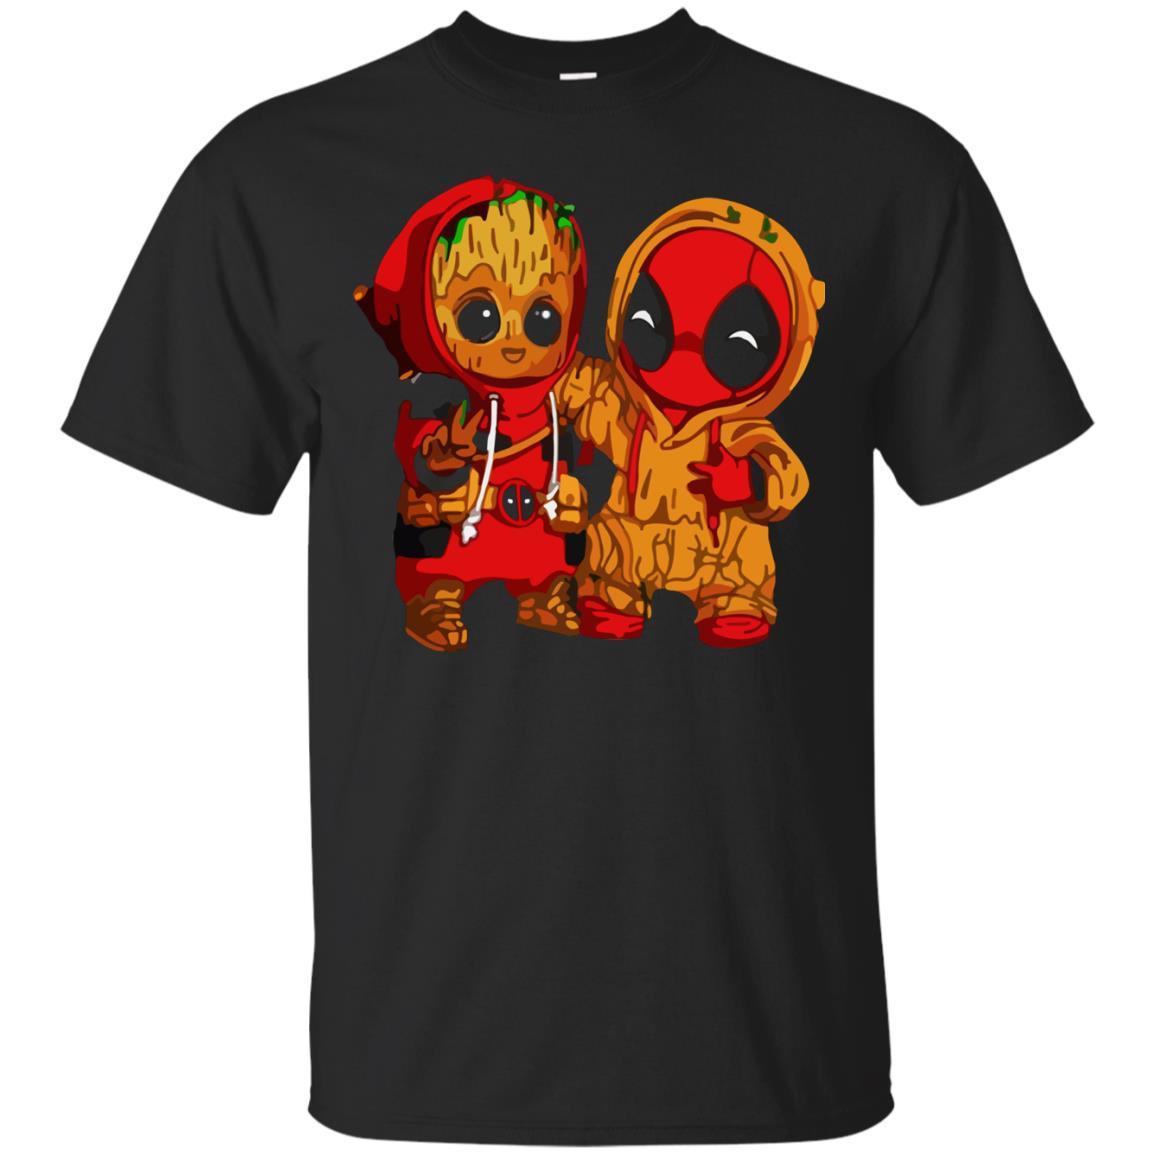 image 431 - Baby Groot And Deadpool Sweatshirt, Hoodie